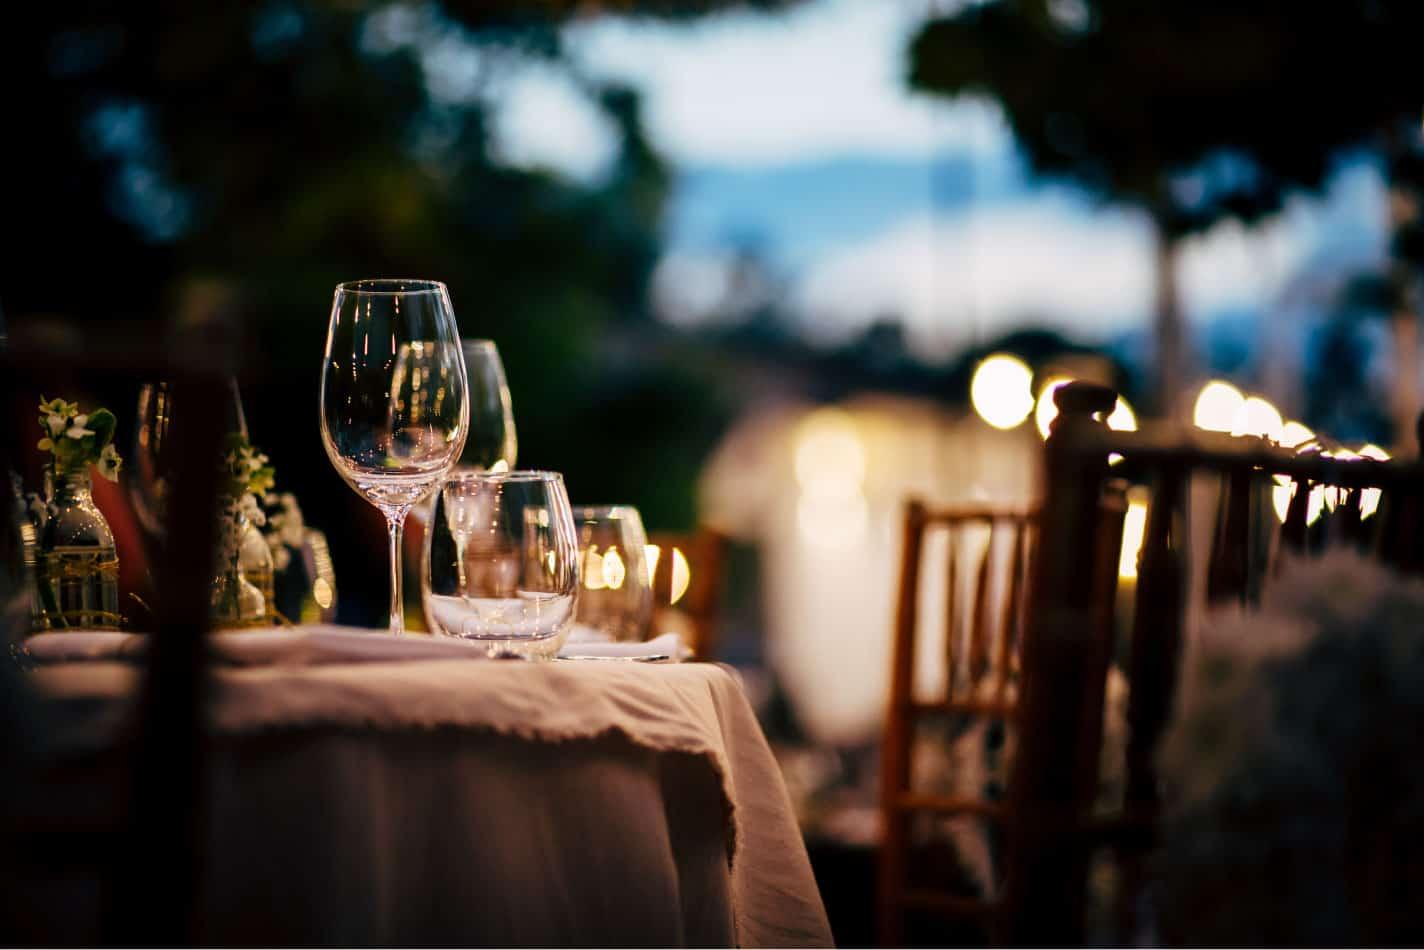 villas-oliverentals-Commited